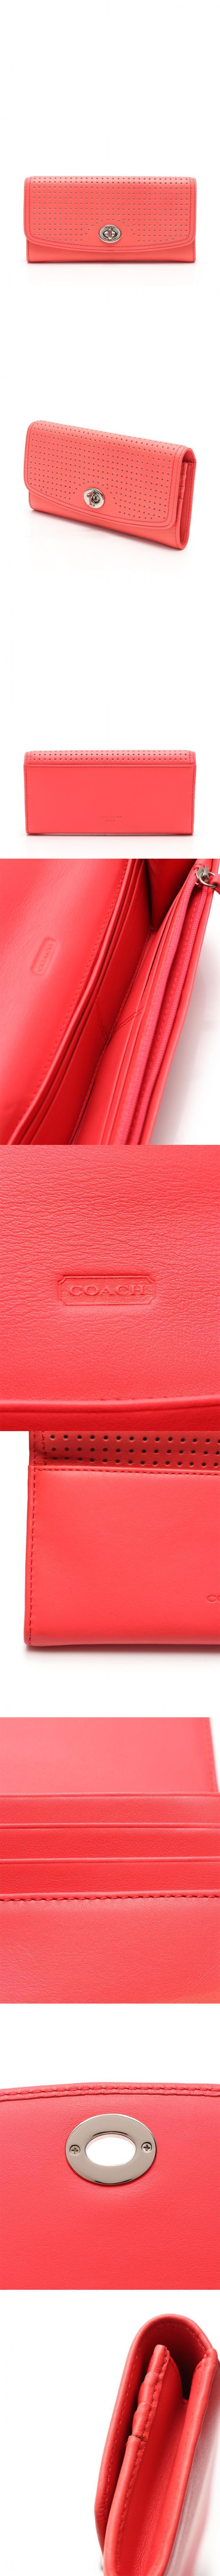 二つ折り長財布 レガシー パーフォレイテッド レザー スリム エンベロープ ピンク 小物 レザー 49059